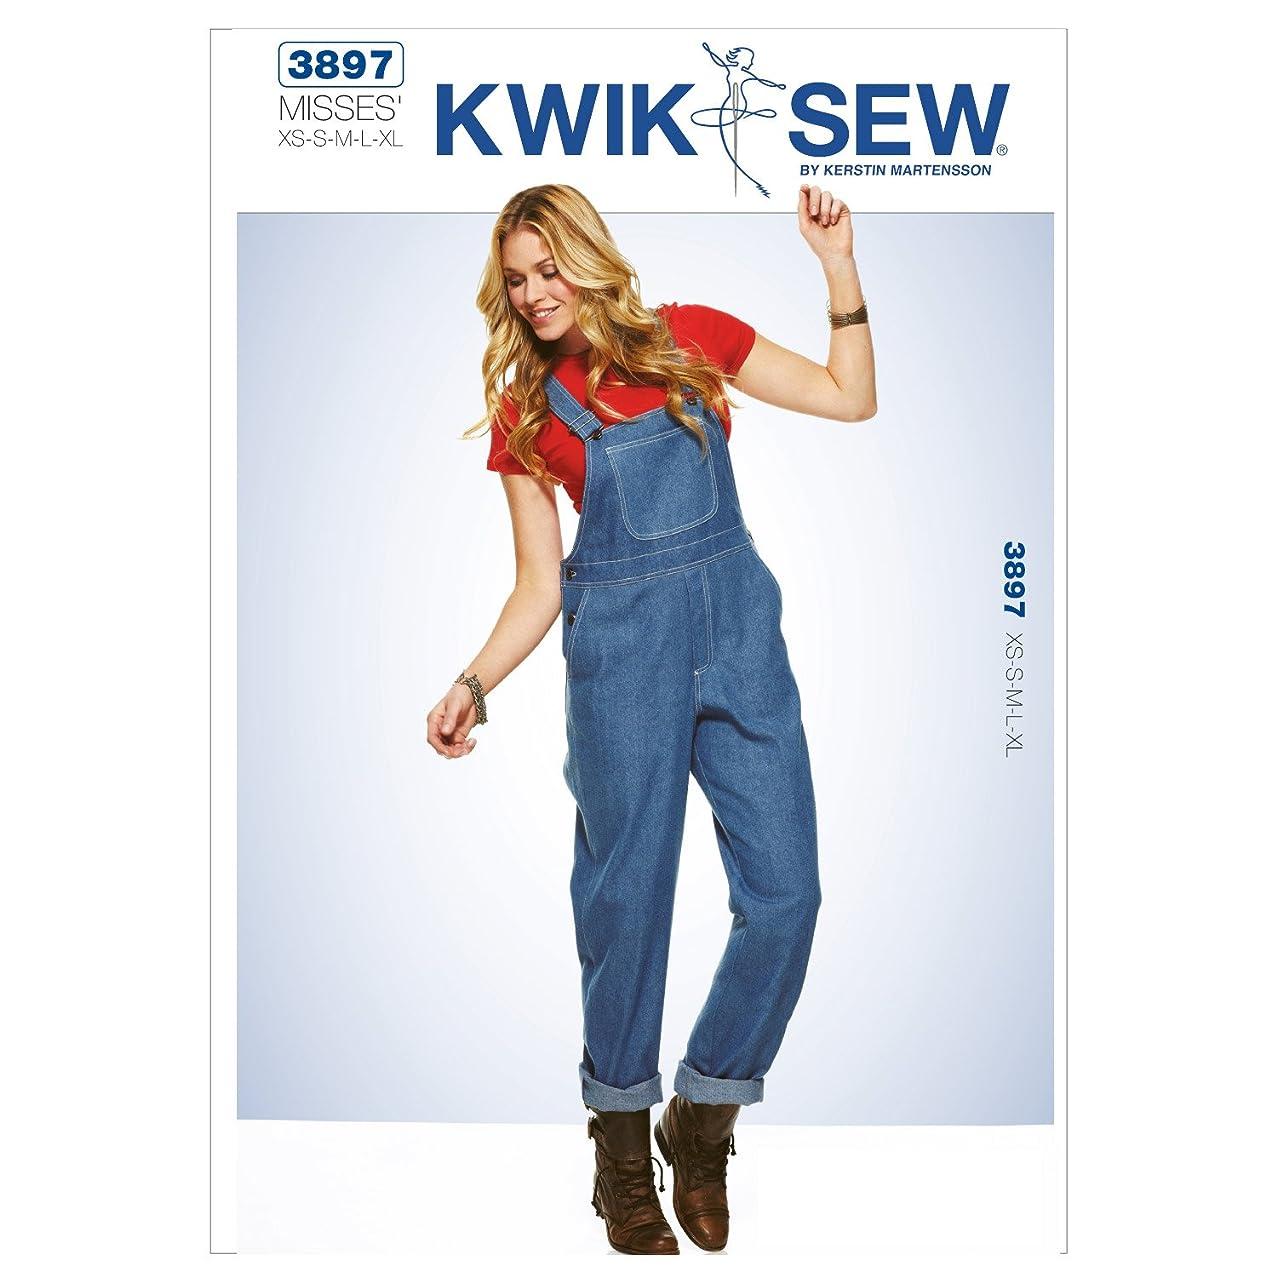 Kwik Sew K3897 Overalls Sewing Pattern, Size XS-S-M-L-XL